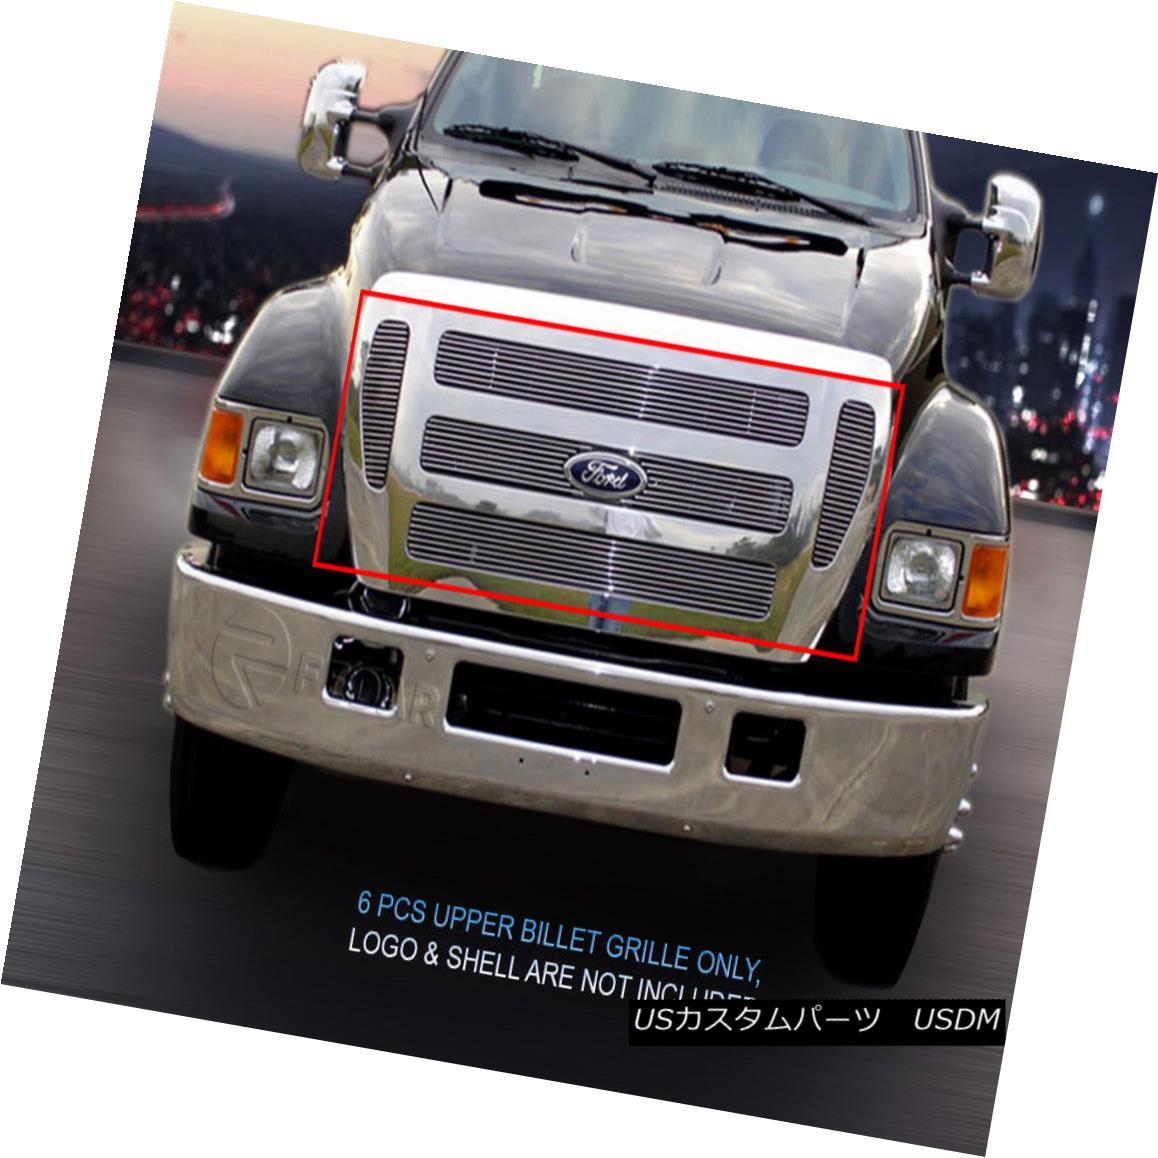 グリル 04-15 Ford F-650 F-750 Billet Grille Grill Insert Fedar 04-15フォードF-650 F-750ビレットグリルグリルインサートフェルダー